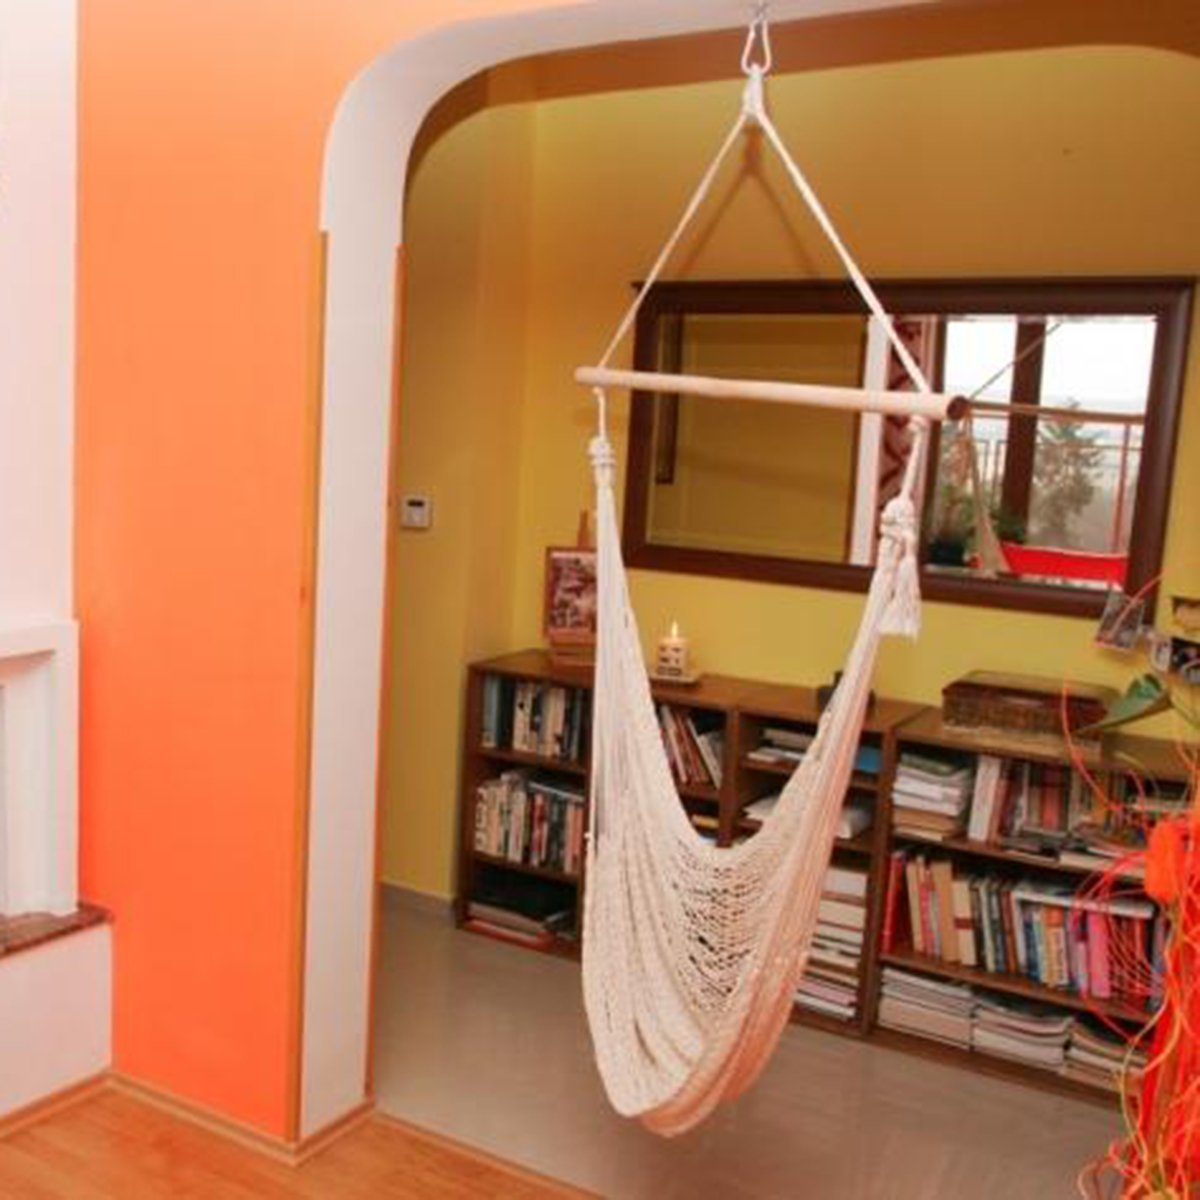 Amazon.com : Hammocks Rada - Handmade Yucatan Hammock Chair ...